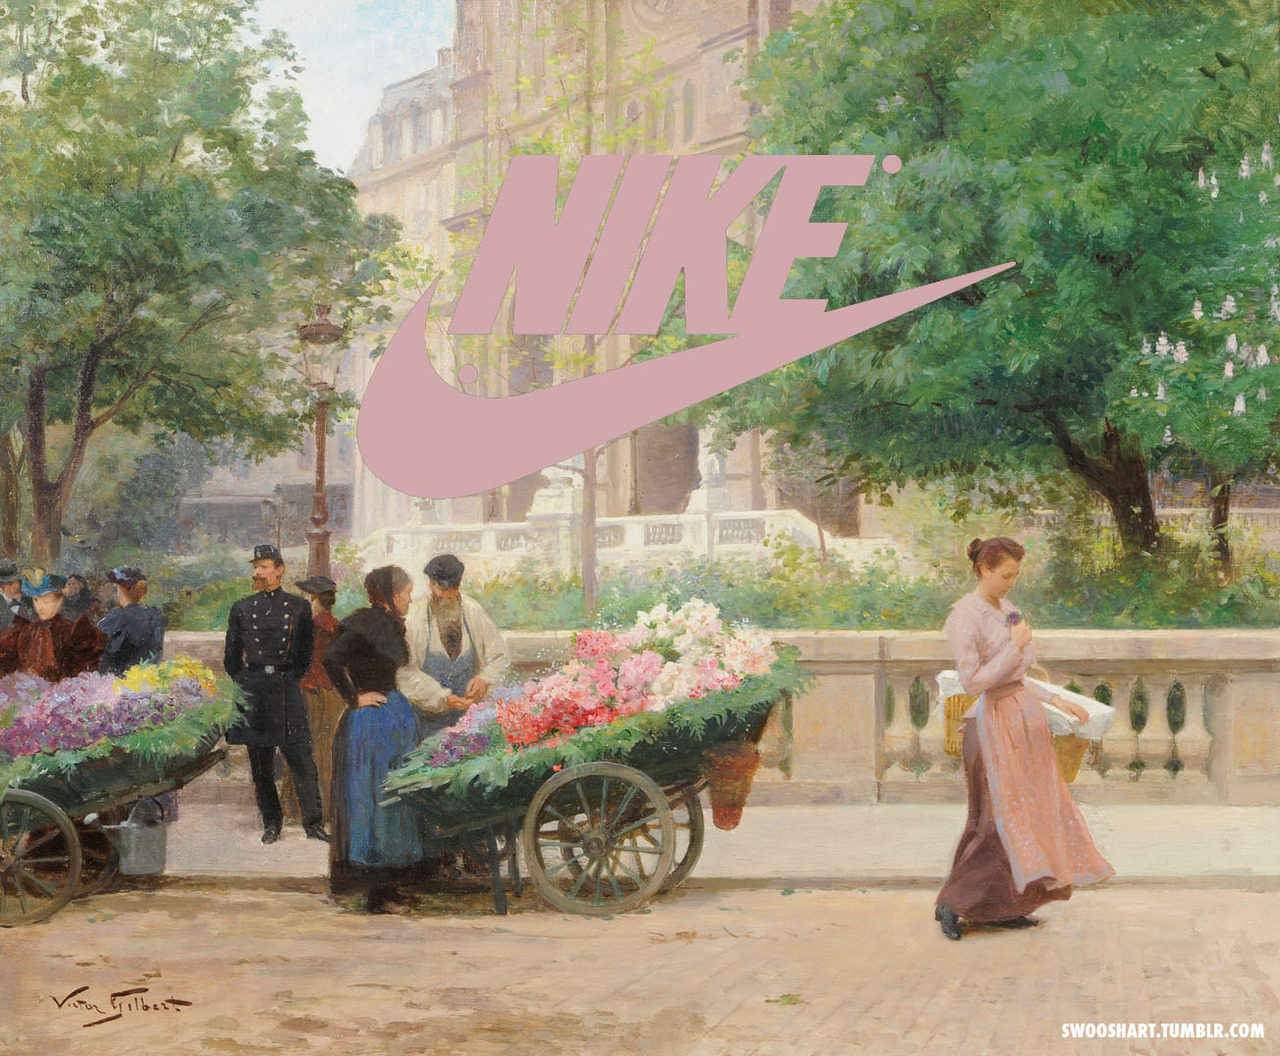 davide bedoni incrustation nike - Swoosh Art : Davide Bedoni mixe les peintures du 18e siècle avec le logo de Nike